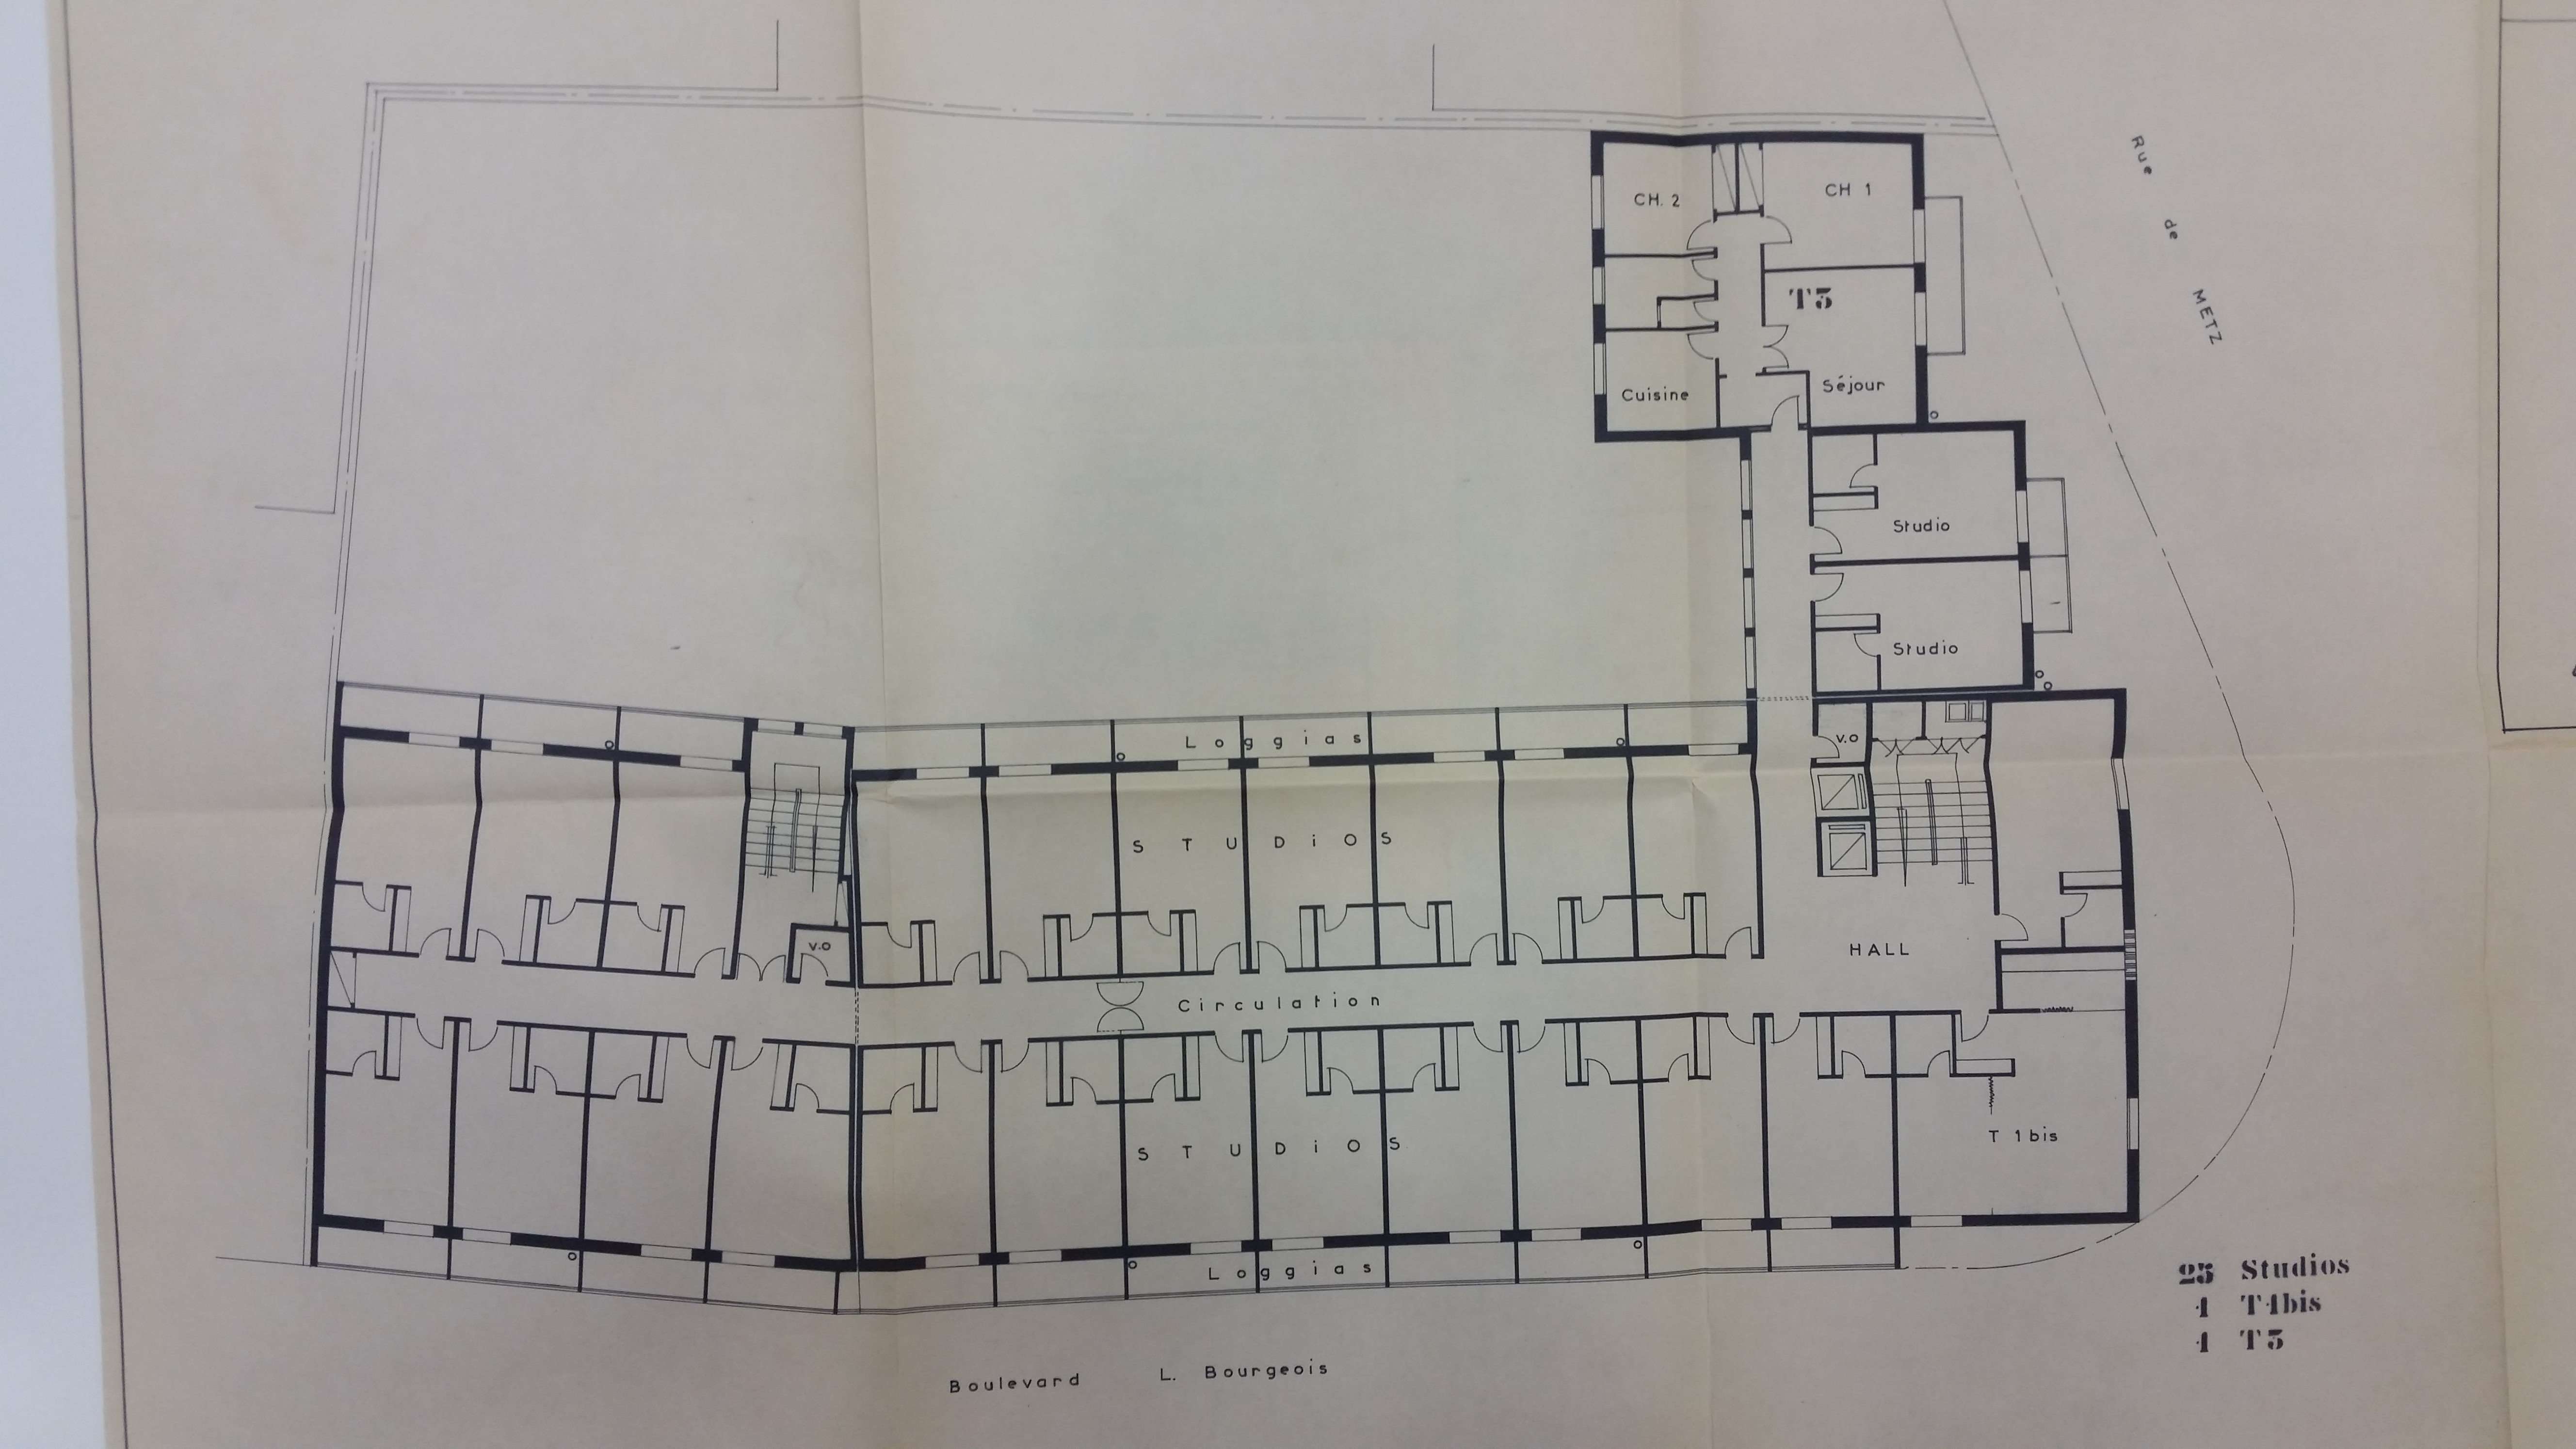 Plan étage courant du bâtiment (Image Sdis du Tarn)